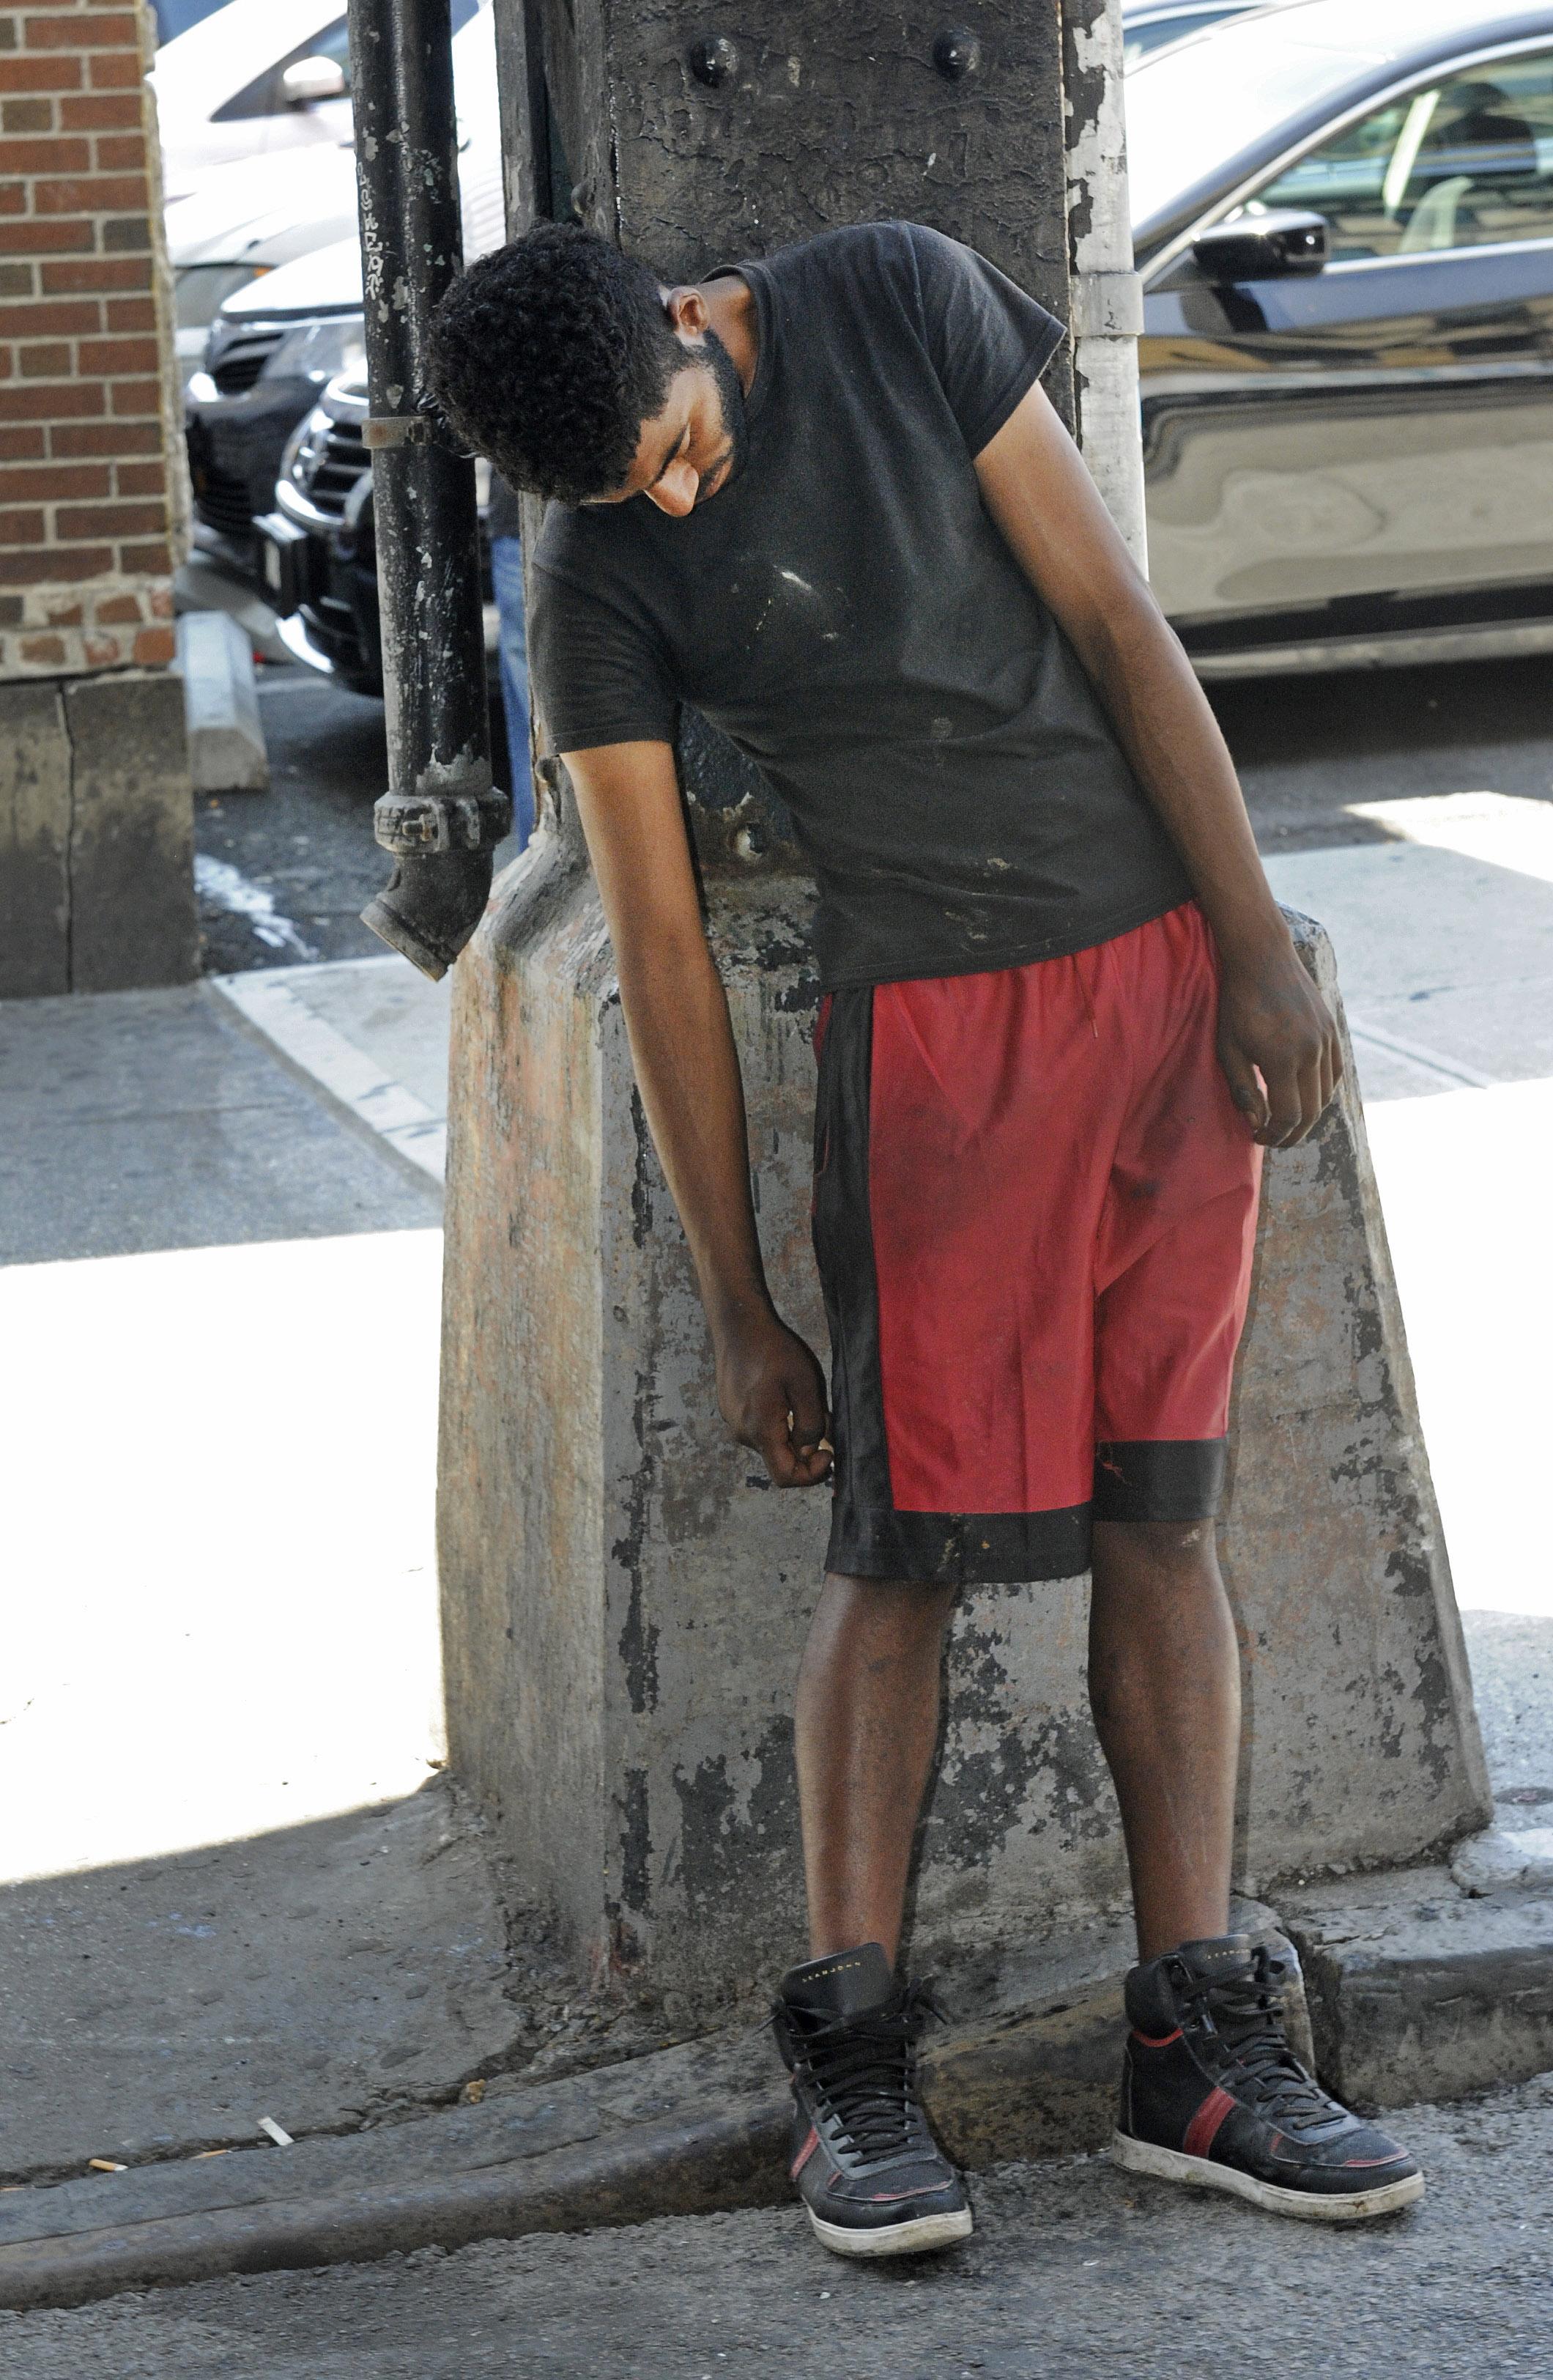 Arhivska fotografija prikazuje mladića koji je konzumirao drogu K2